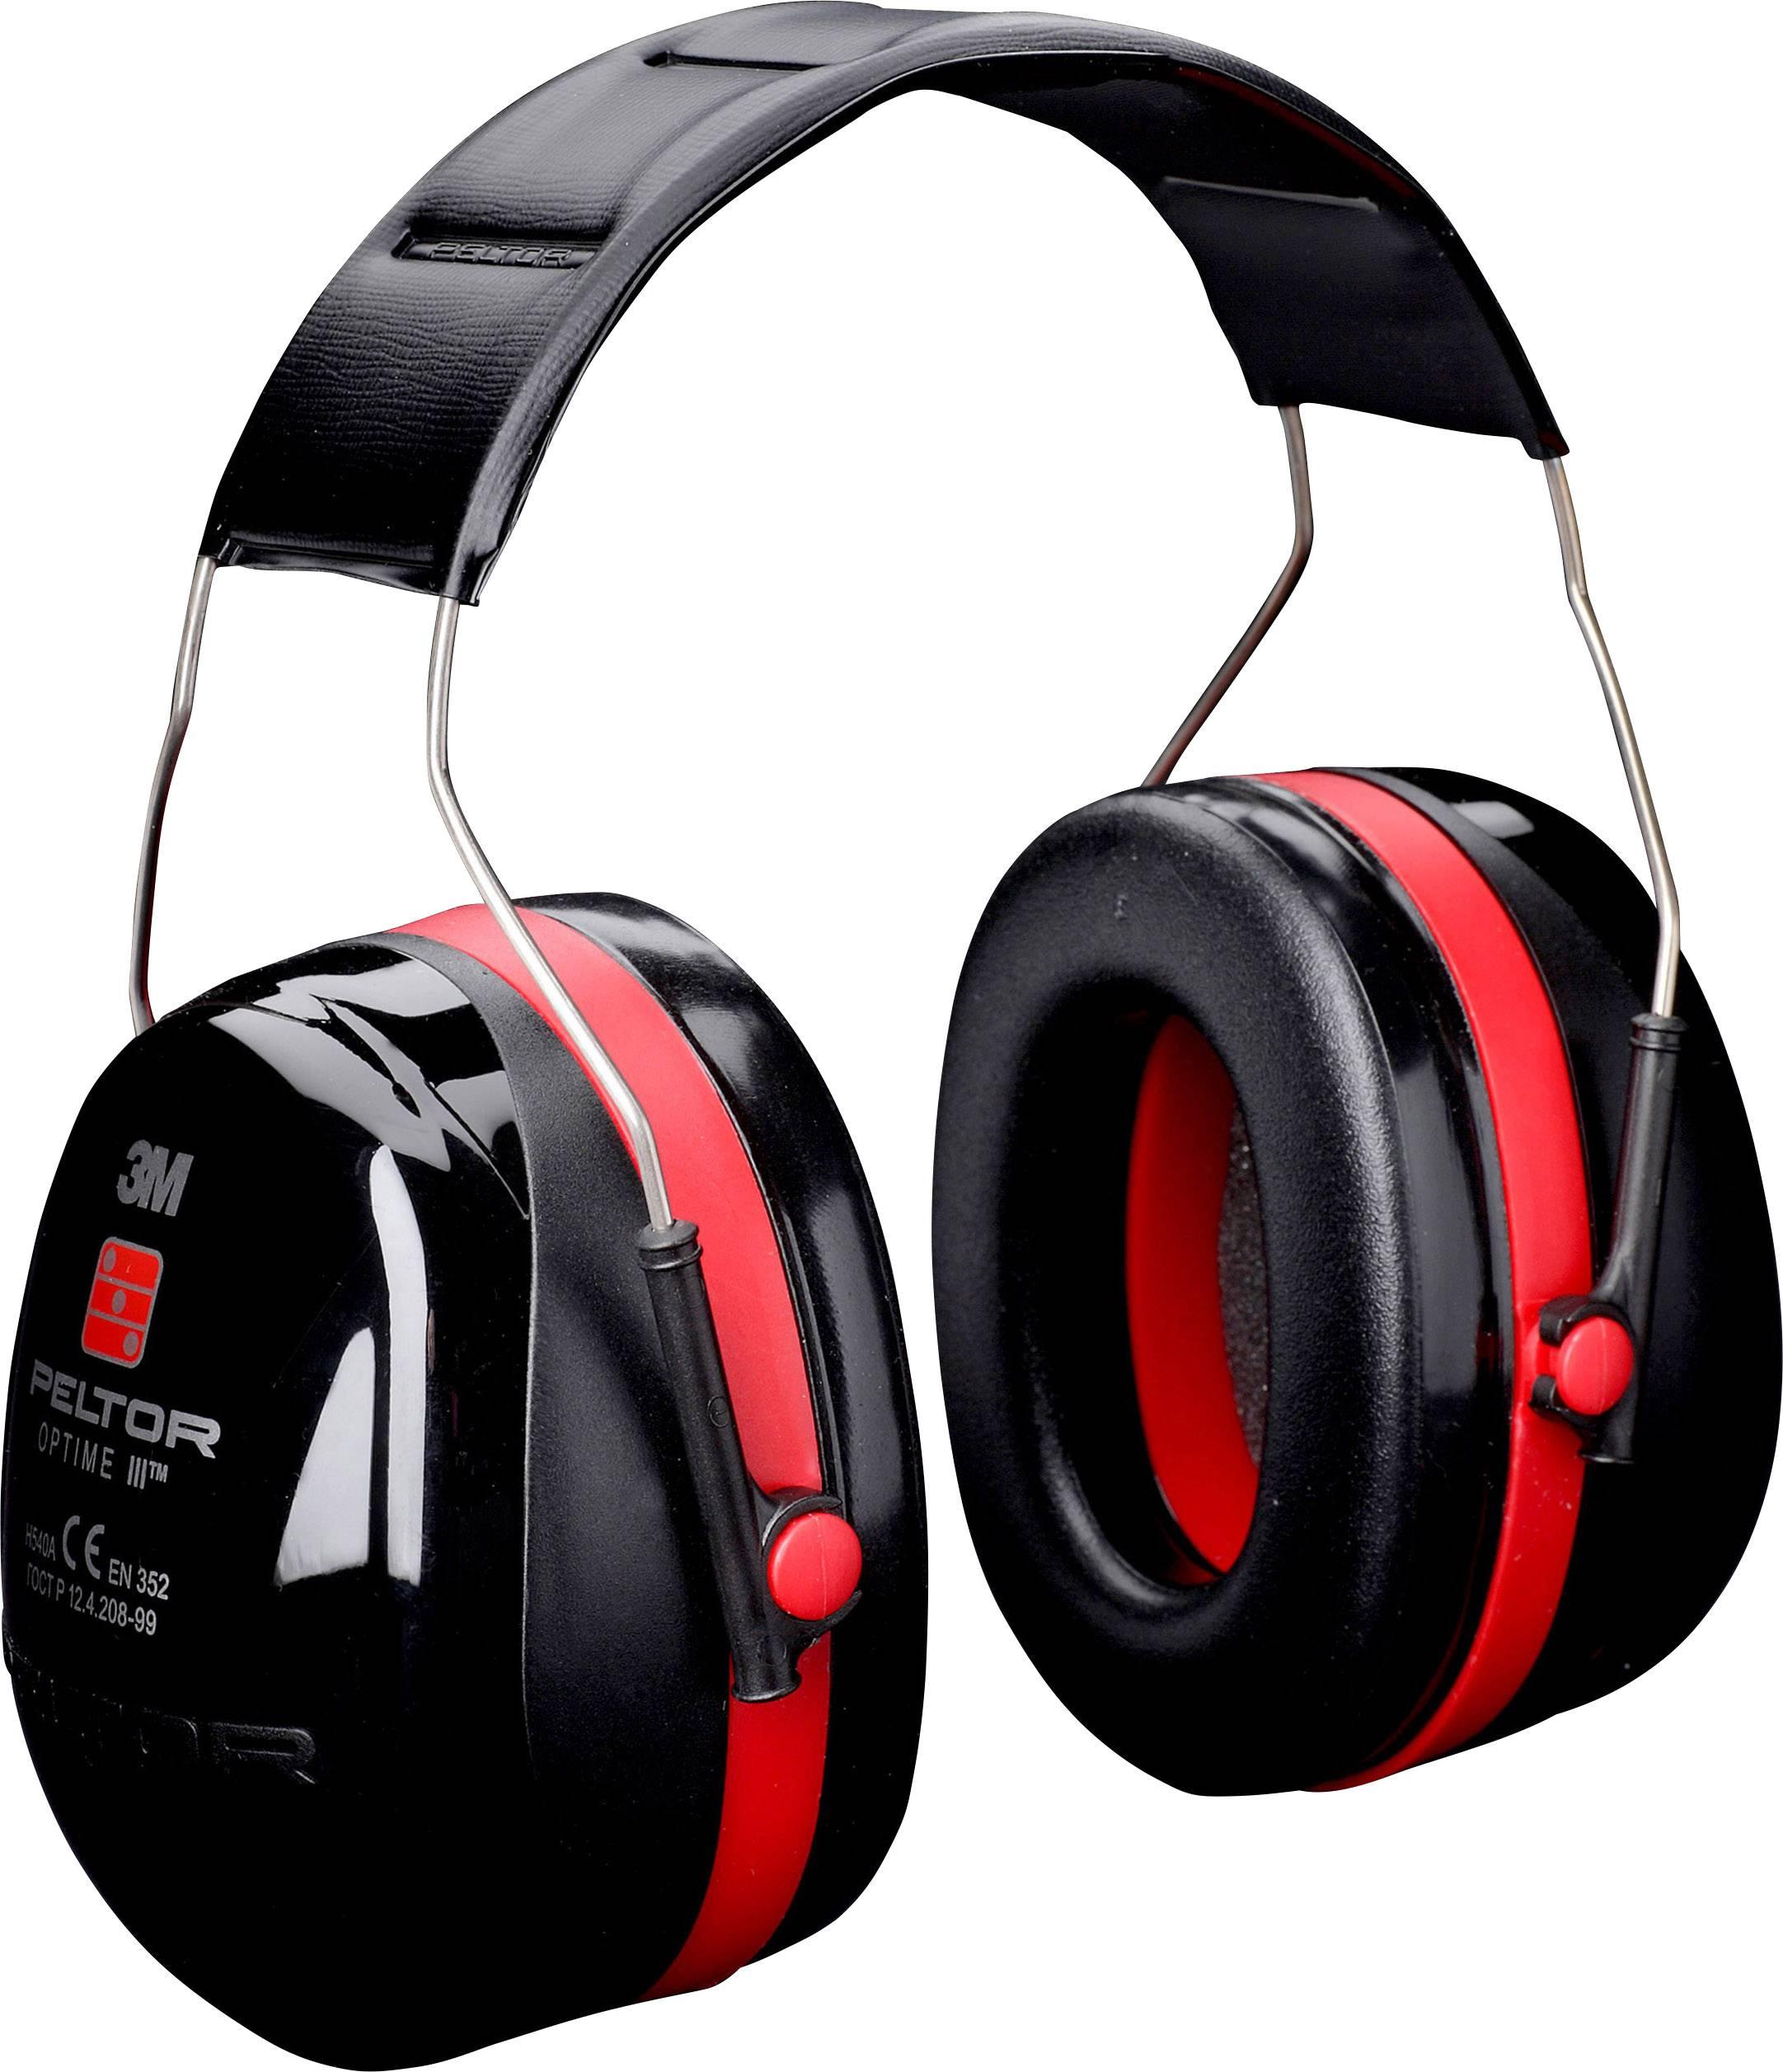 Mušľový chránič sluchu 3M Peltor OPTIME III H540A, 35 dB, 1 ks